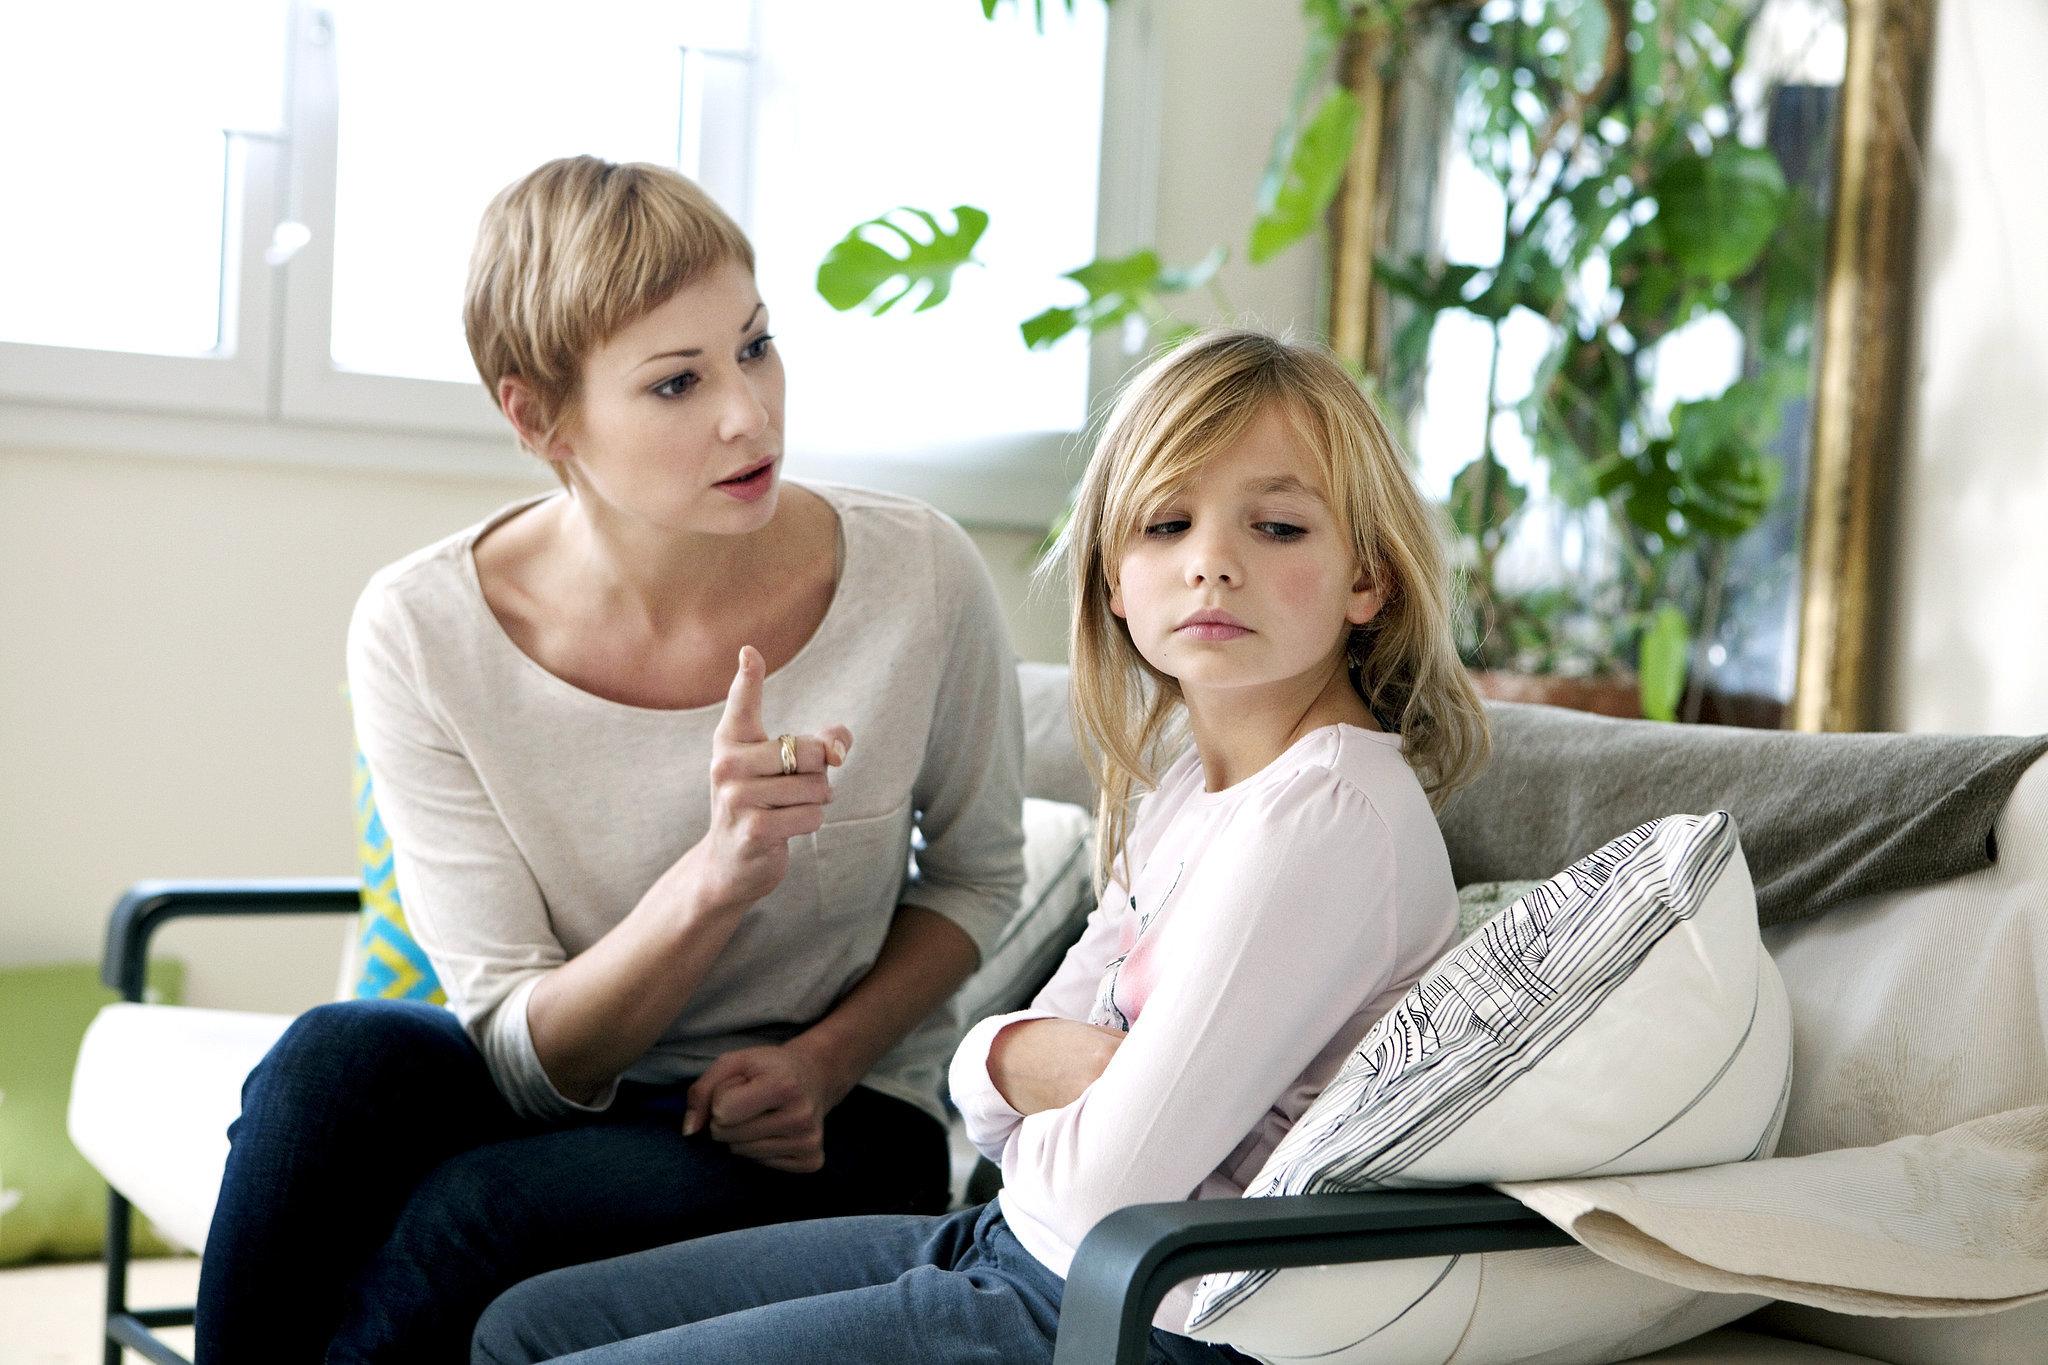 როგორ ვუთხრათ ბავშვს